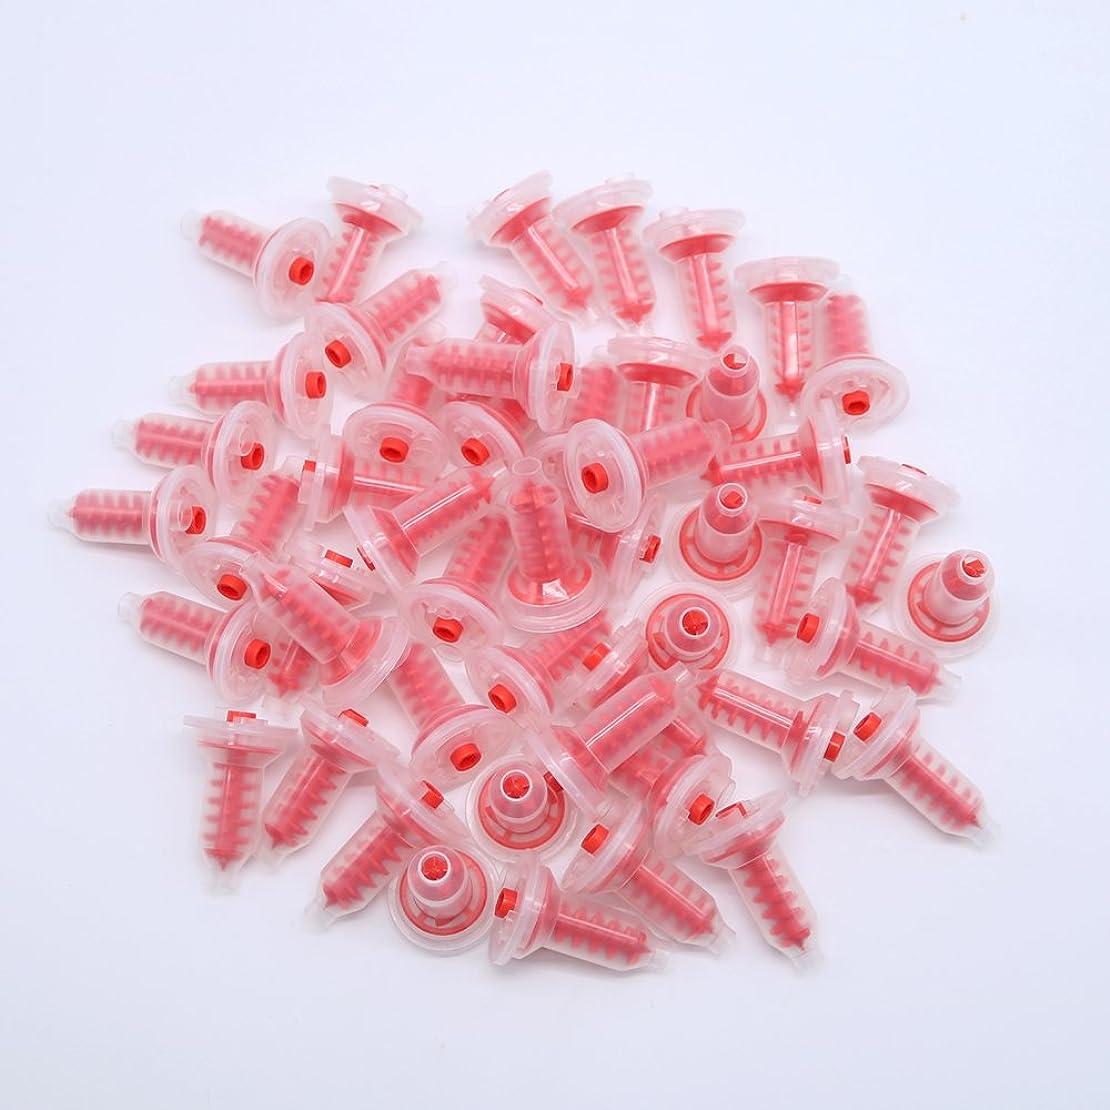 聴衆同行陽気な50個の歯科用ダイナミックインプレッションミキシングのヒントは、3M ESPEペンタミックスタイプのマシンに適合